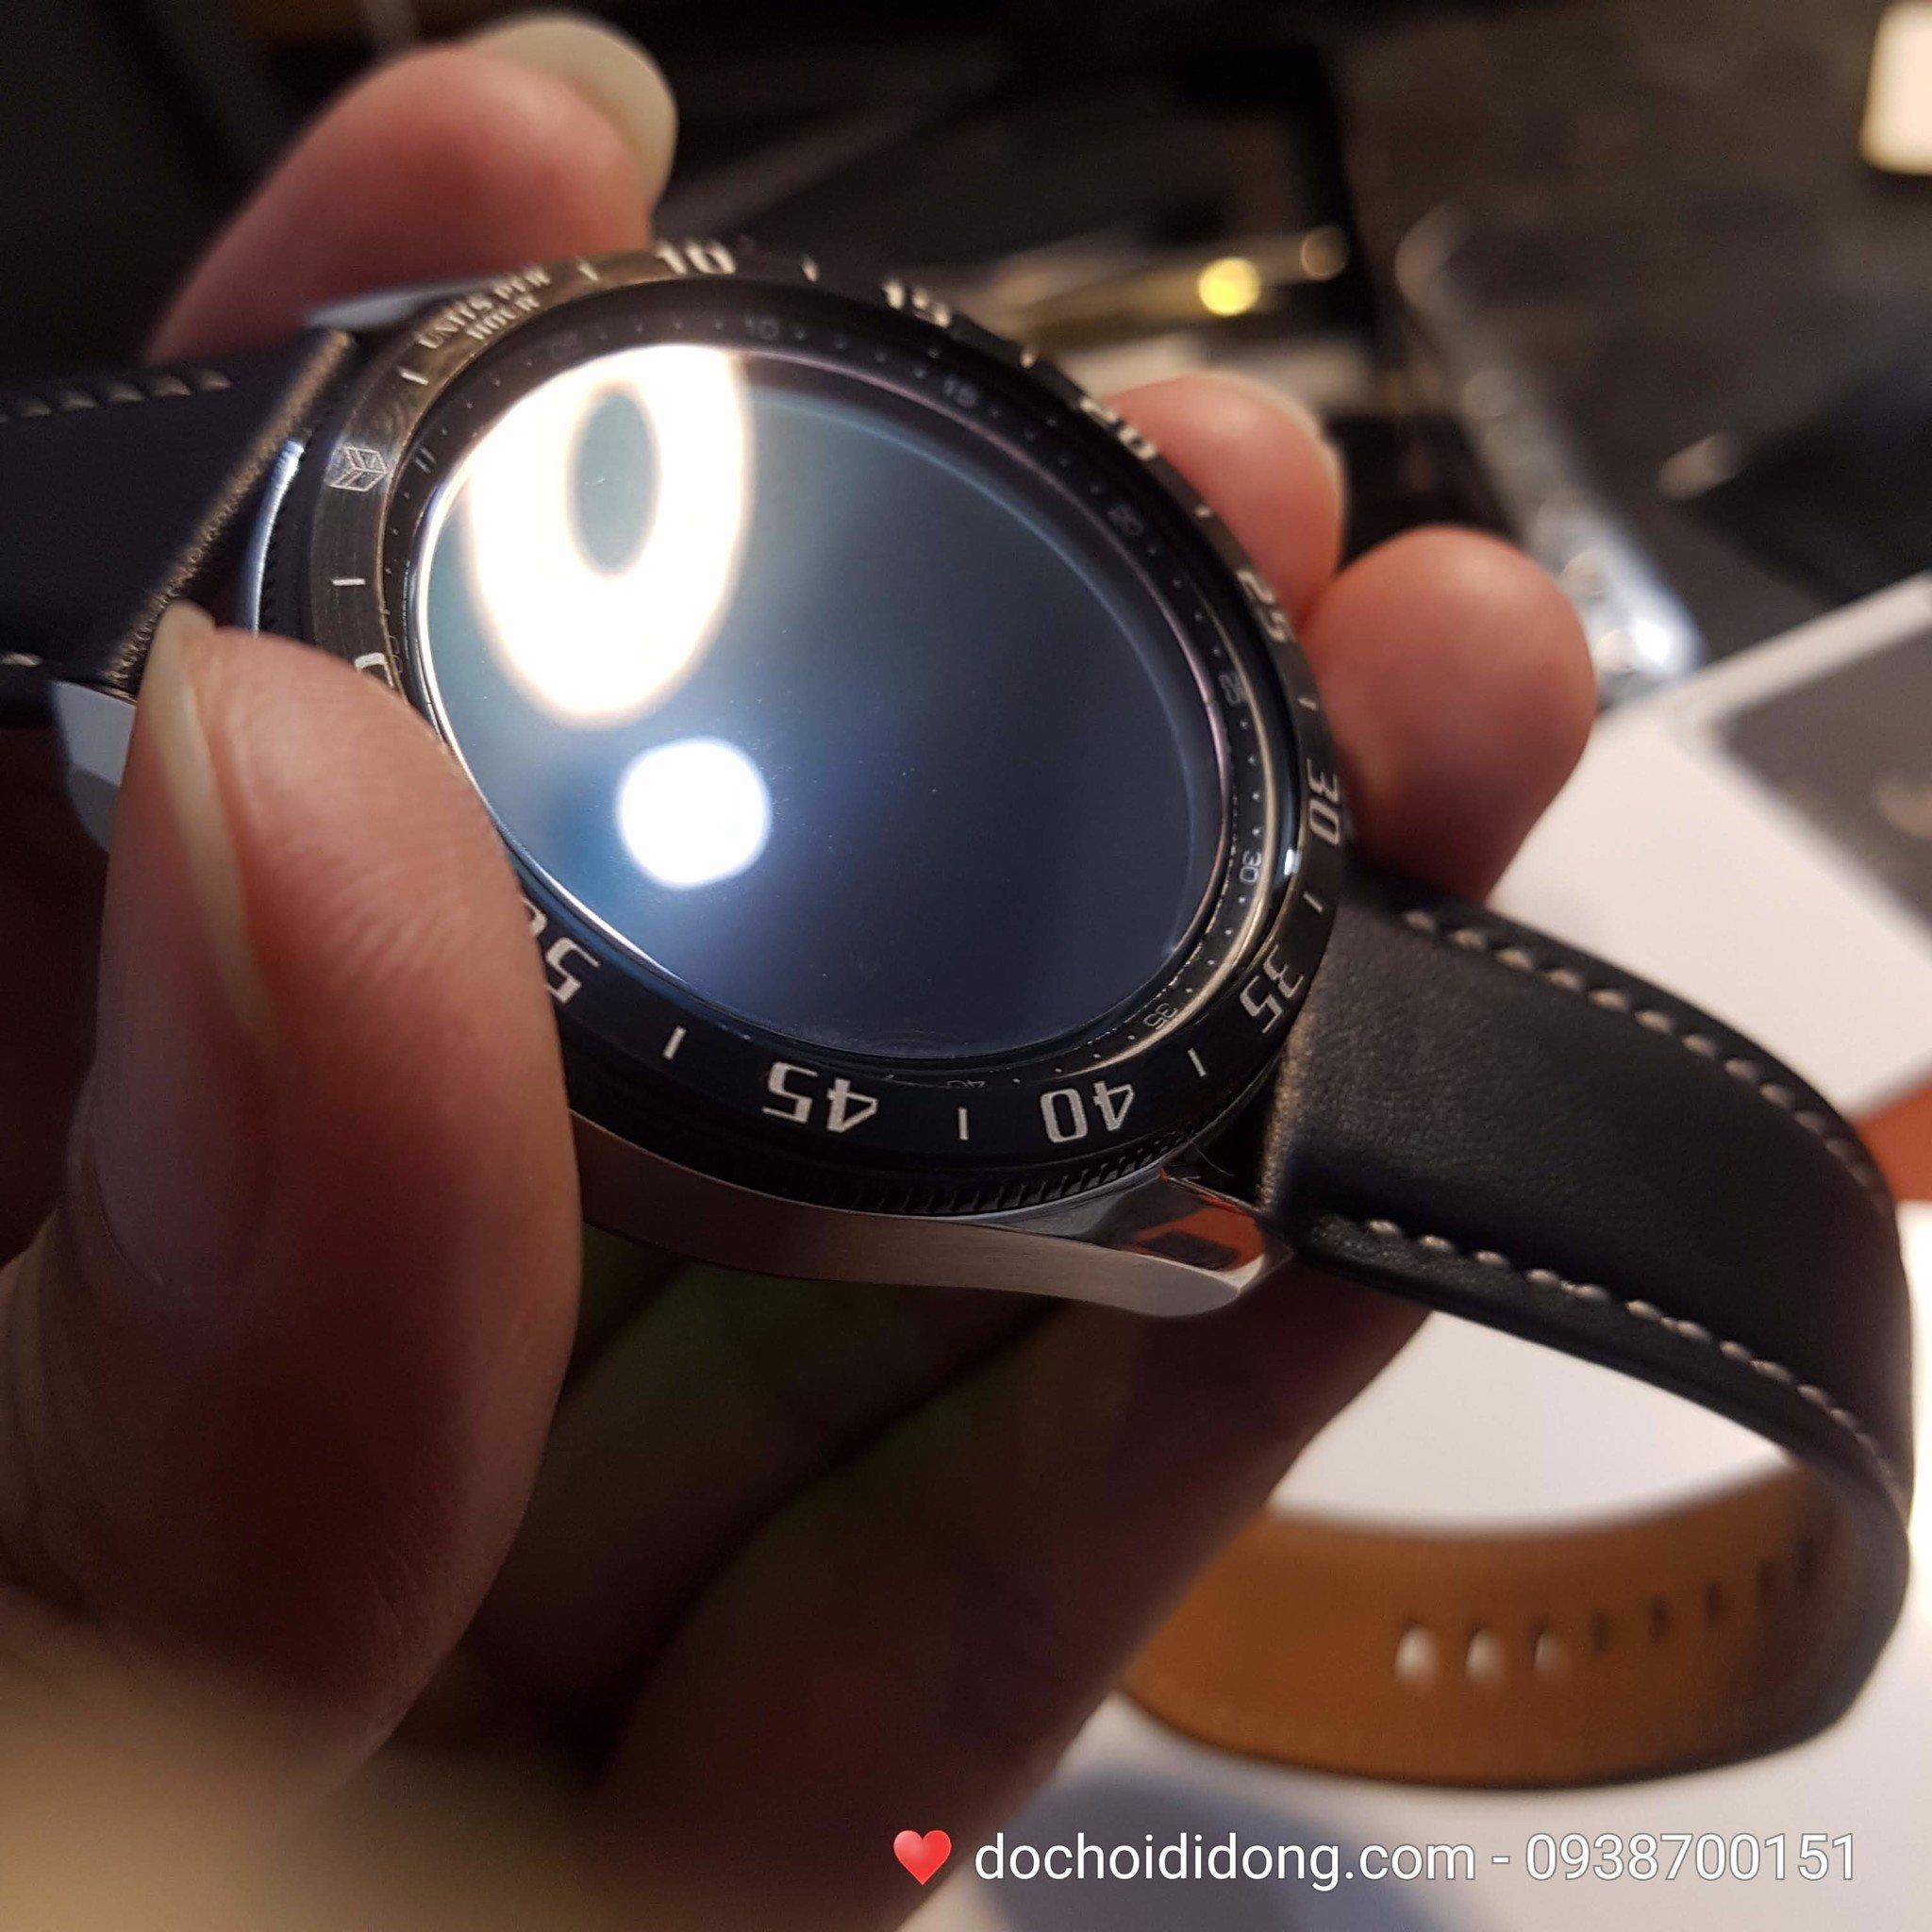 mieng-dan-cuong-luc-dong-ho-samsung-galaxy-watch-3-41-45mm-zacasse-full-keo